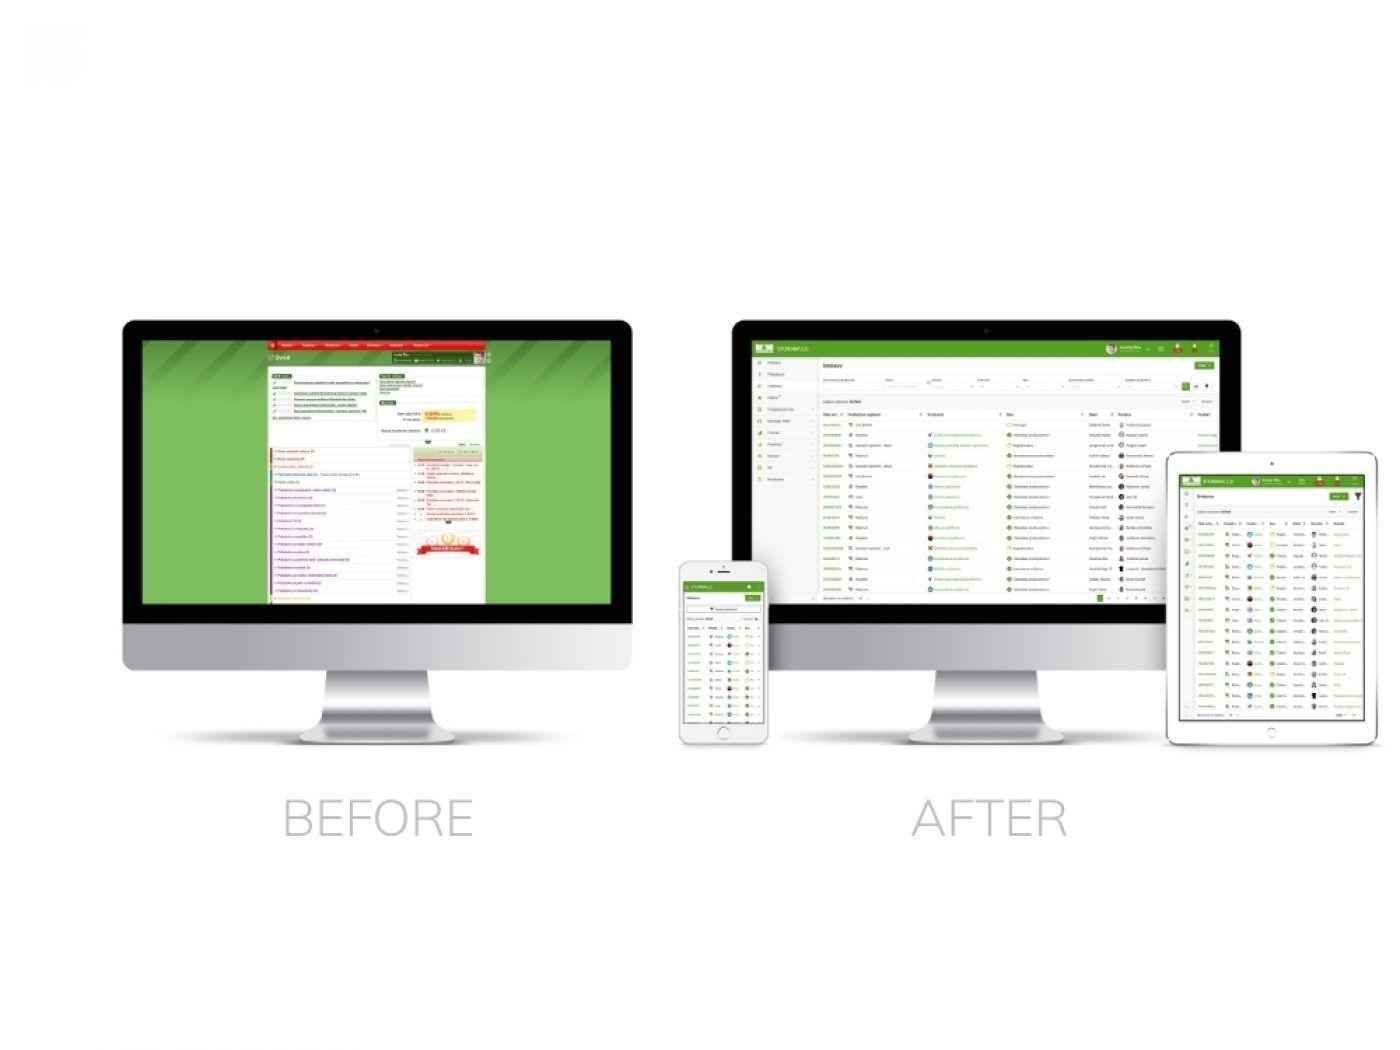 Modernizace uživatelského rozhraní informačního systému